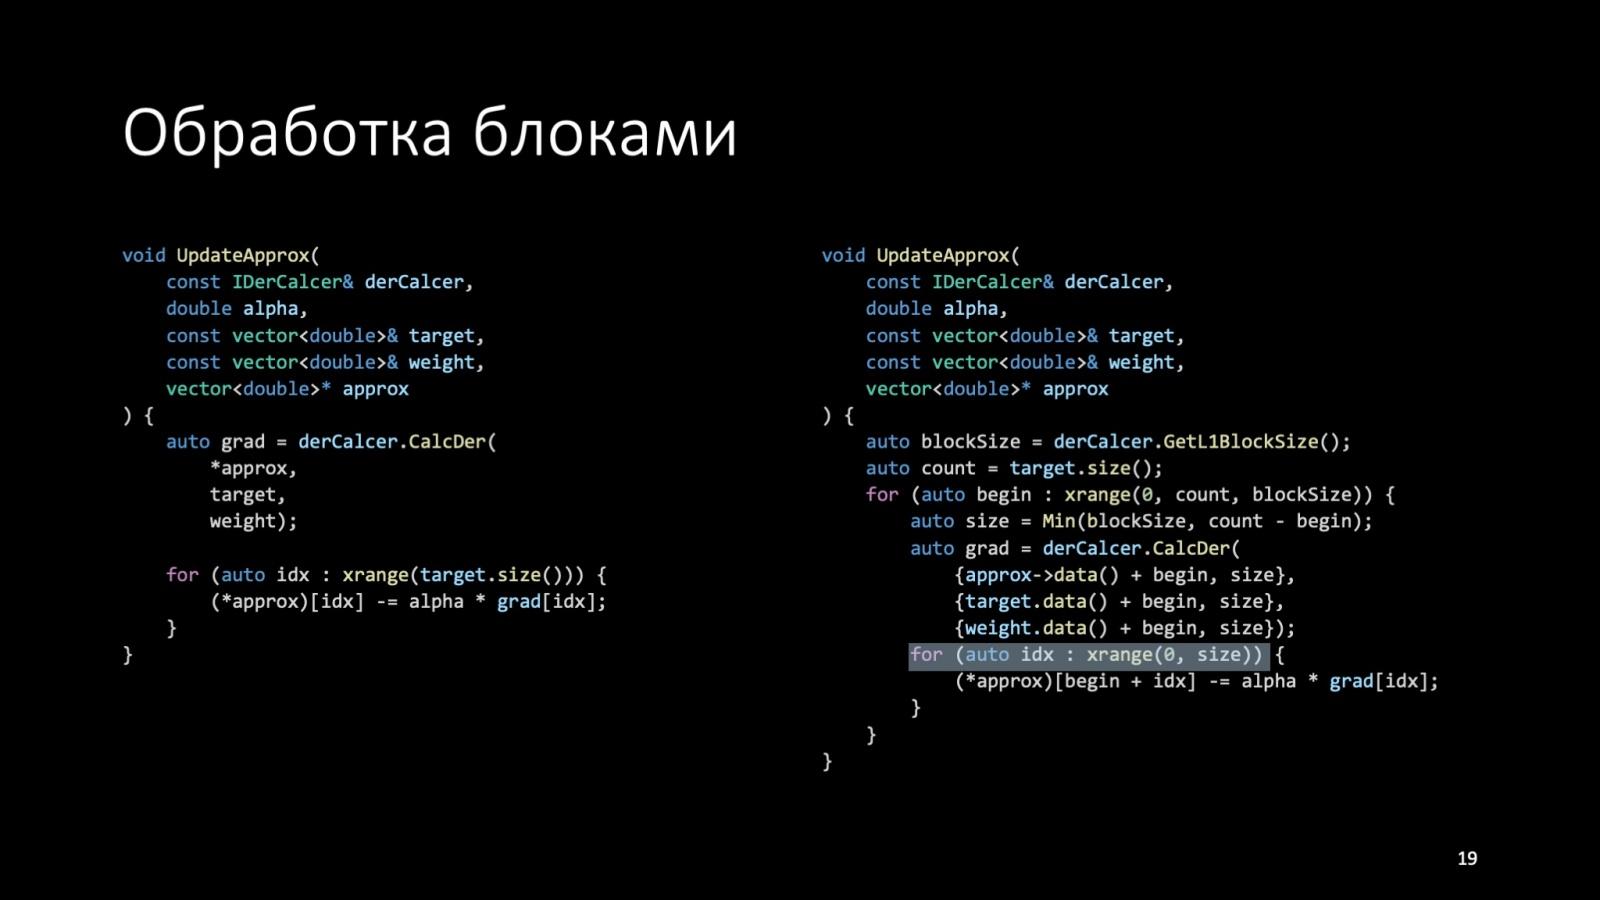 Оптимизация C++: совмещаем скорость и высокий уровень. Доклад Яндекса - 19